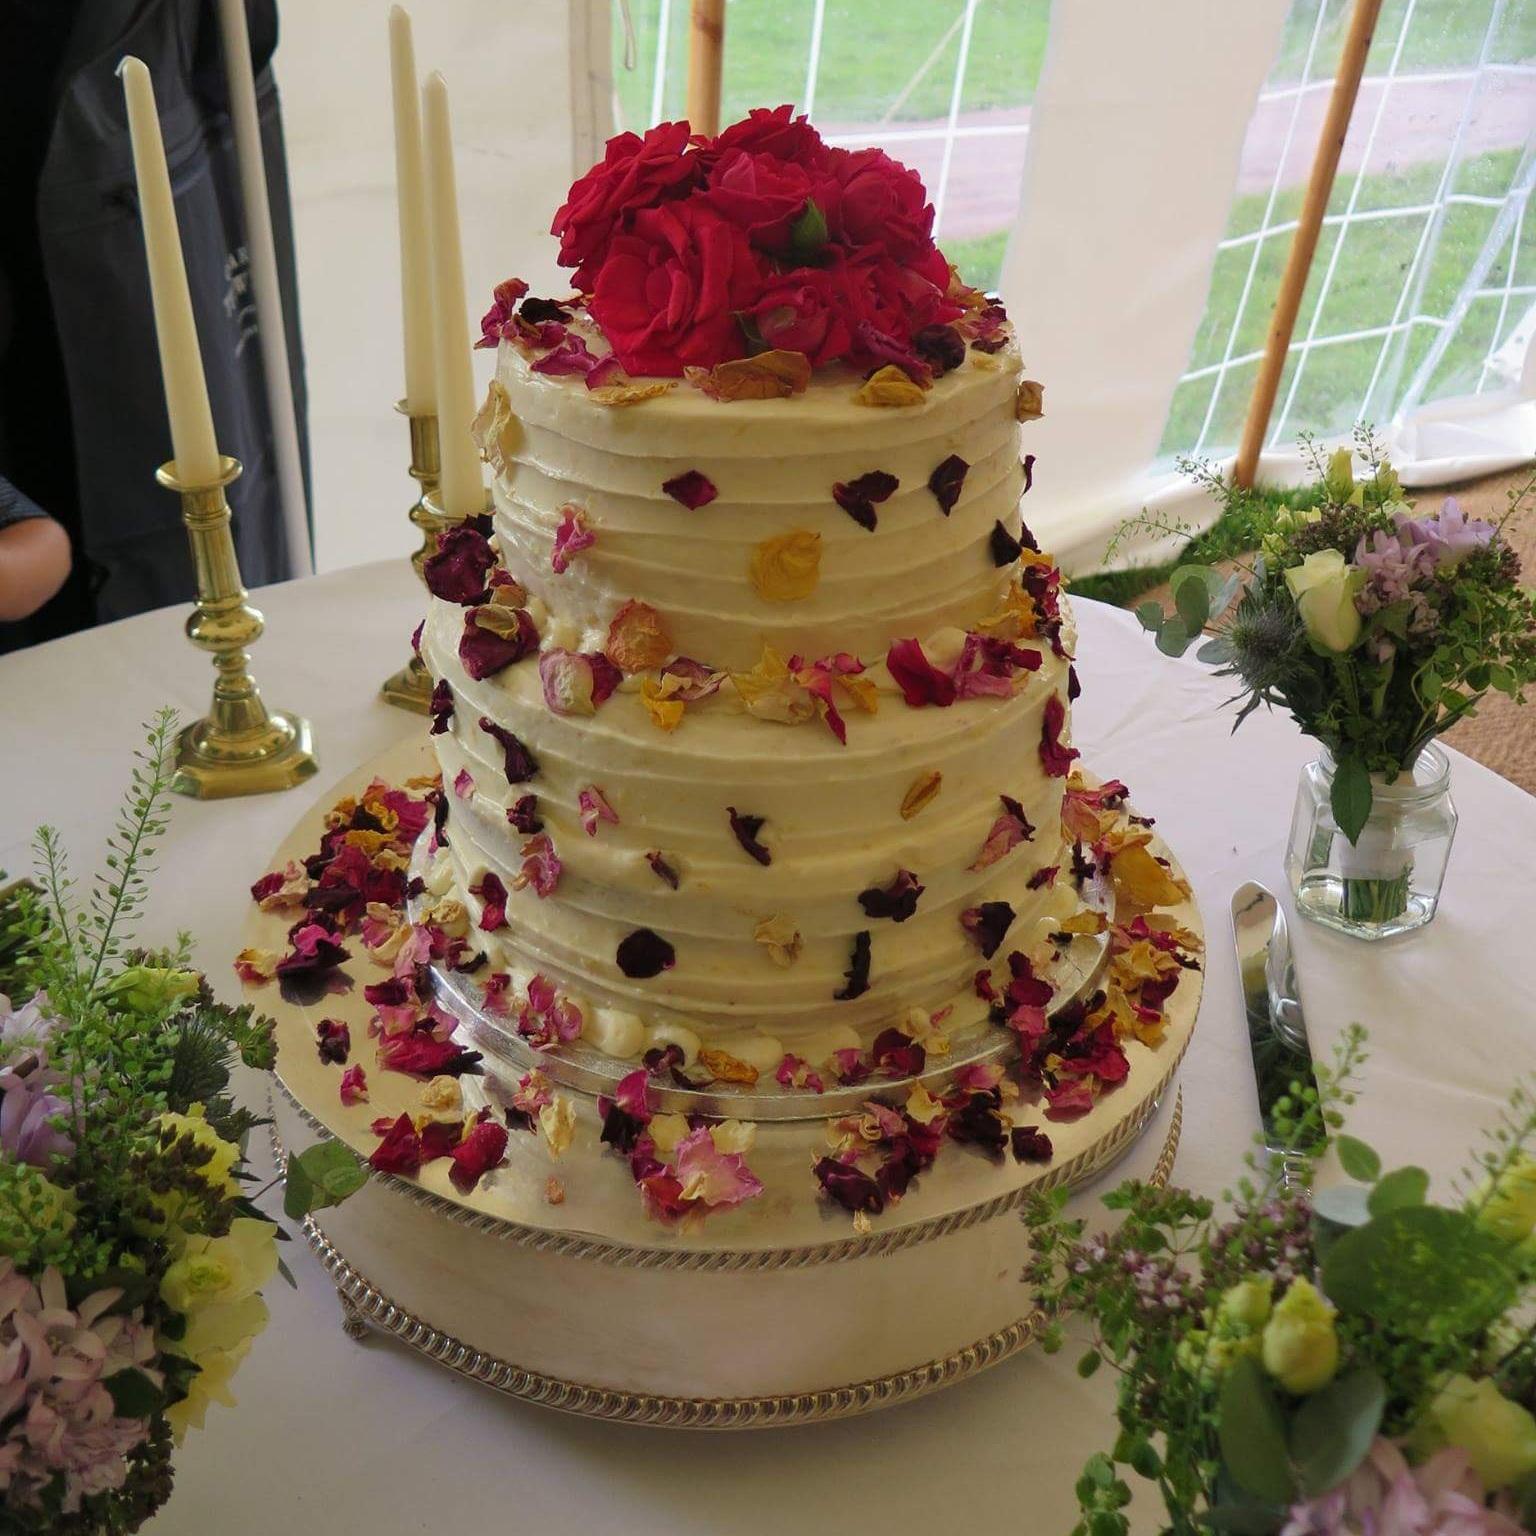 A country garden wedding cake